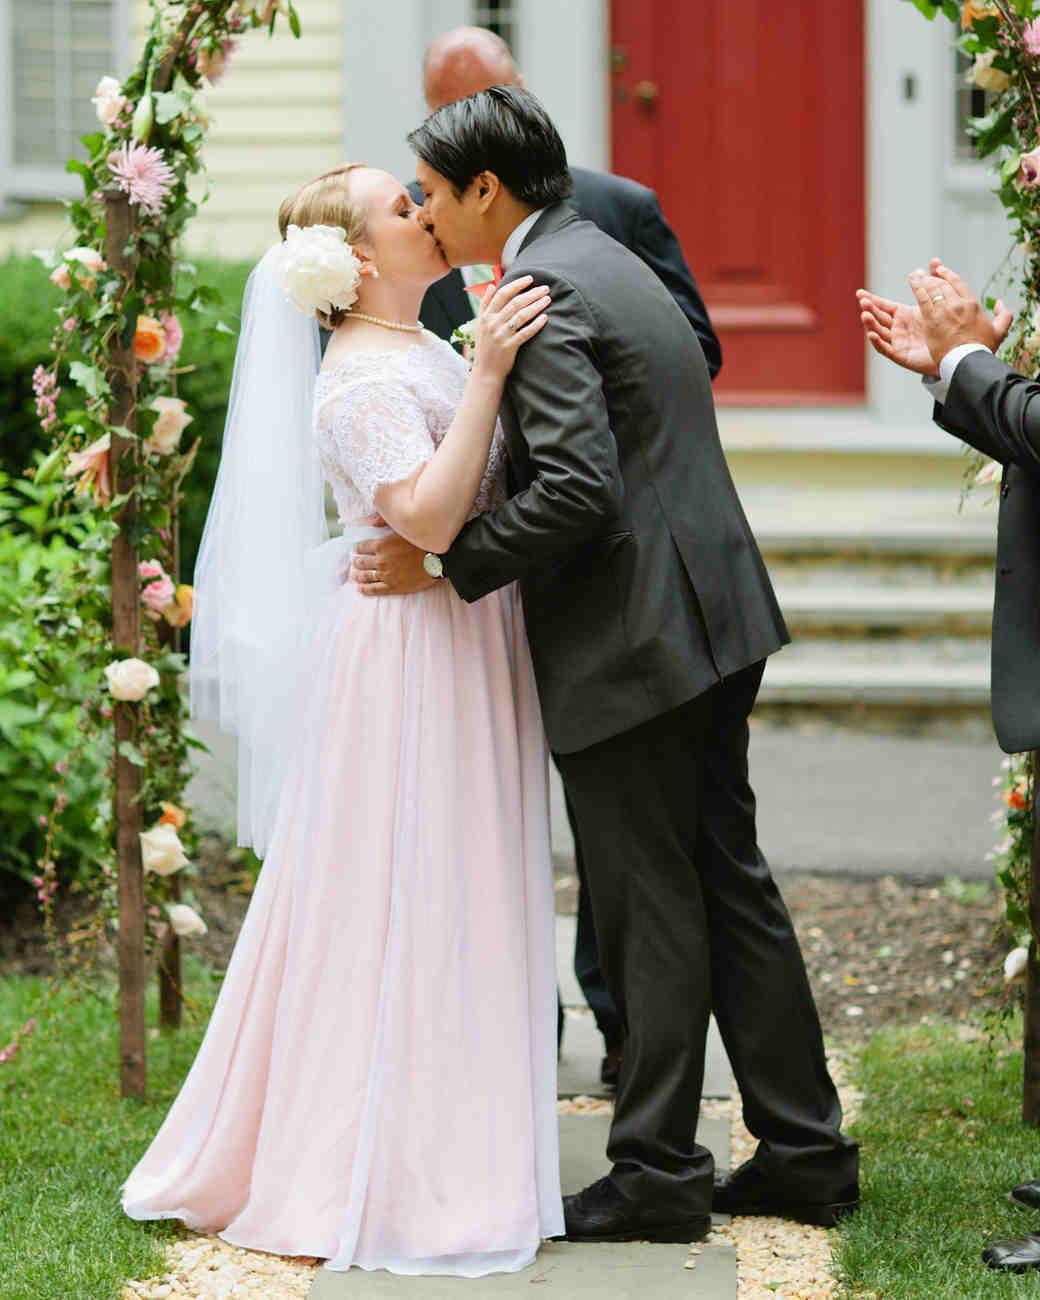 16 Pretty-in-Pink Wedding Dresses | Martha Stewart Weddings